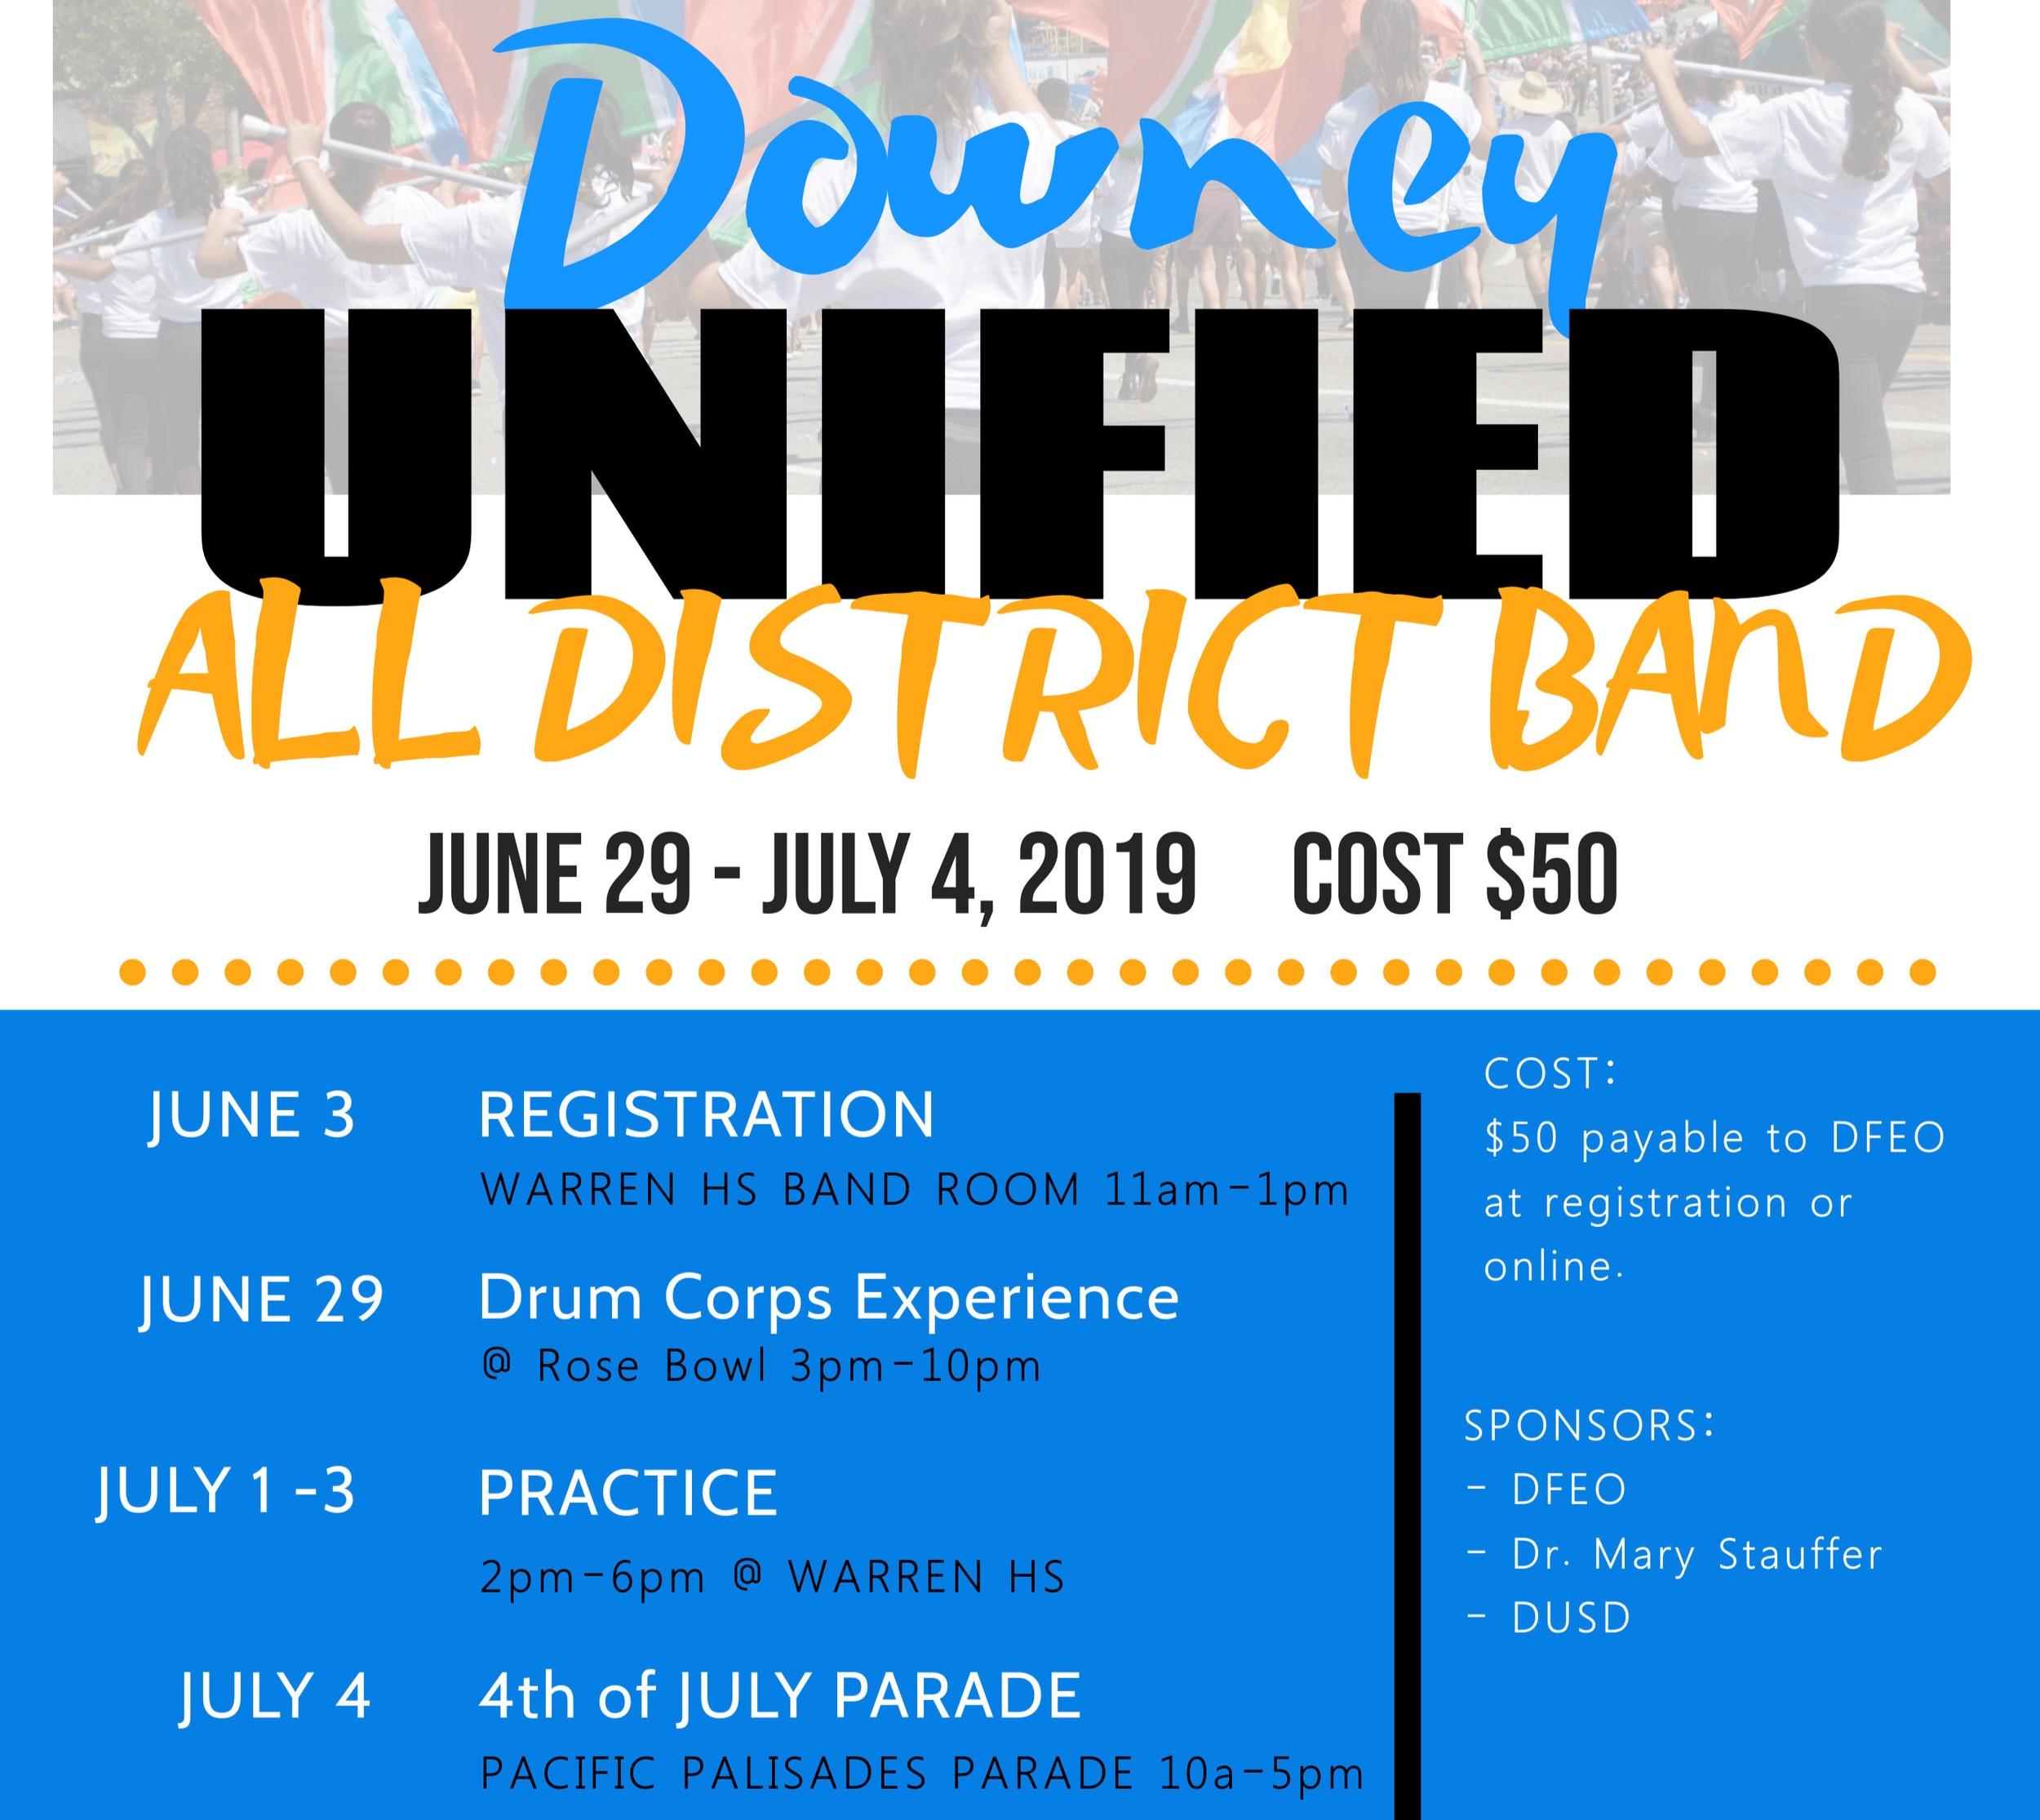 DUSD Summer 2019 Flyer.jpg